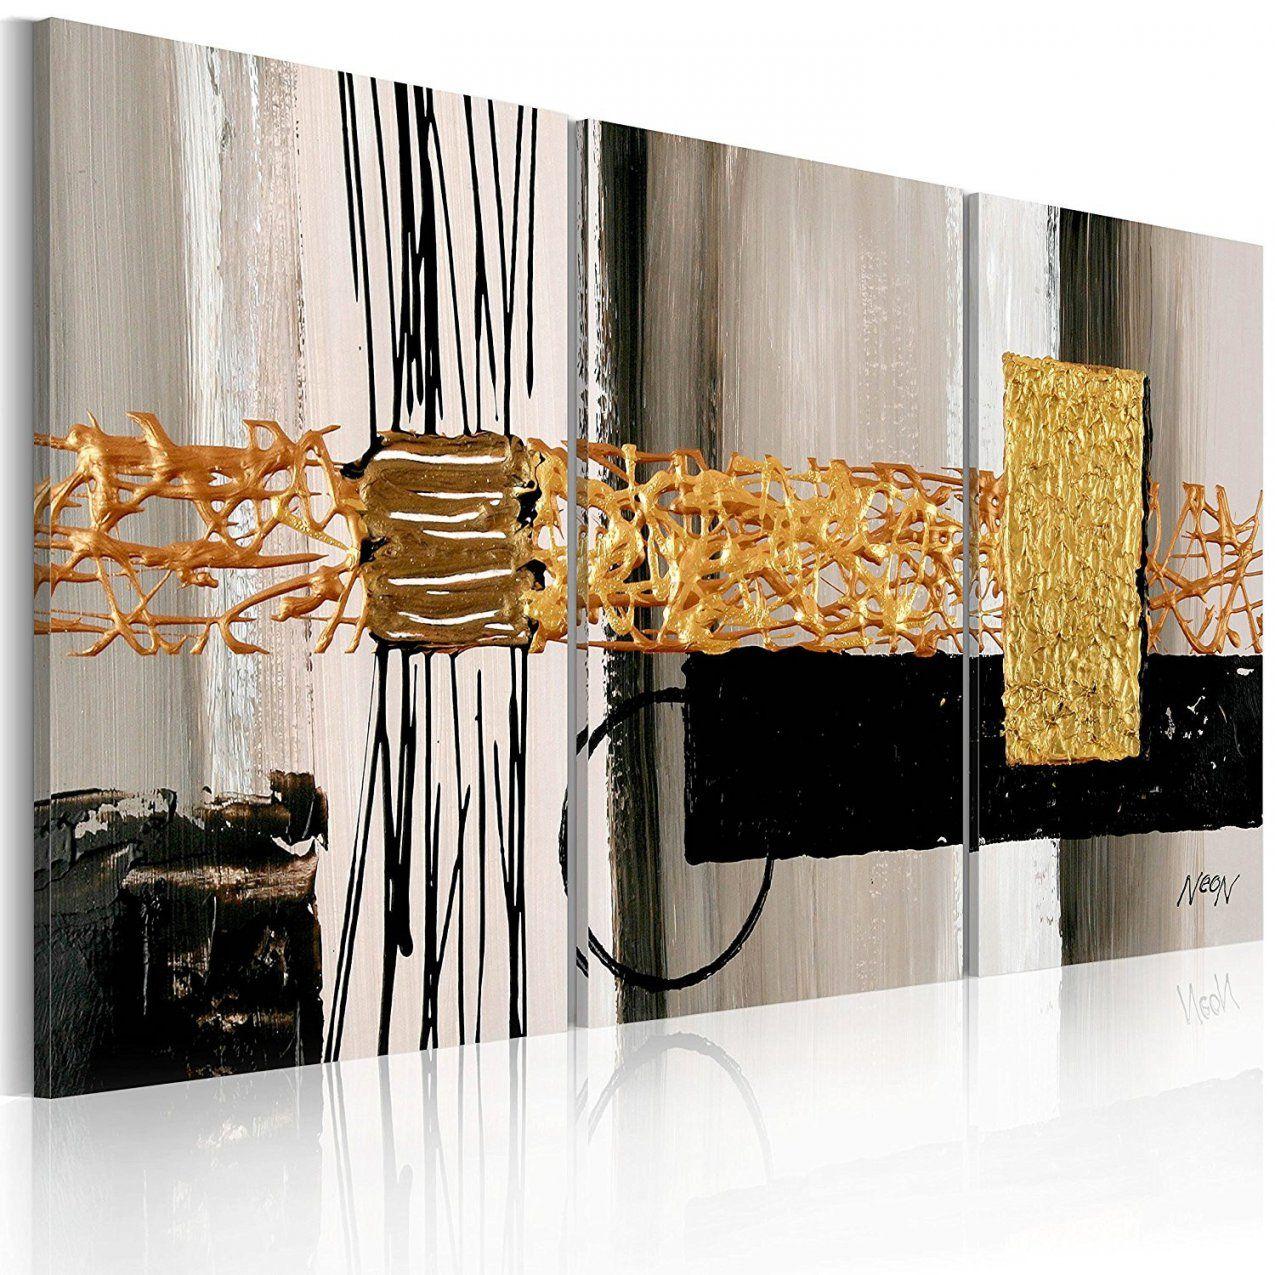 Einzigartig Wandbilder Handgemalt Xxl Abstrakt Handgemalte Xxl Avec von Handgemalte Bilder Auf Leinwand Abstrakt Photo